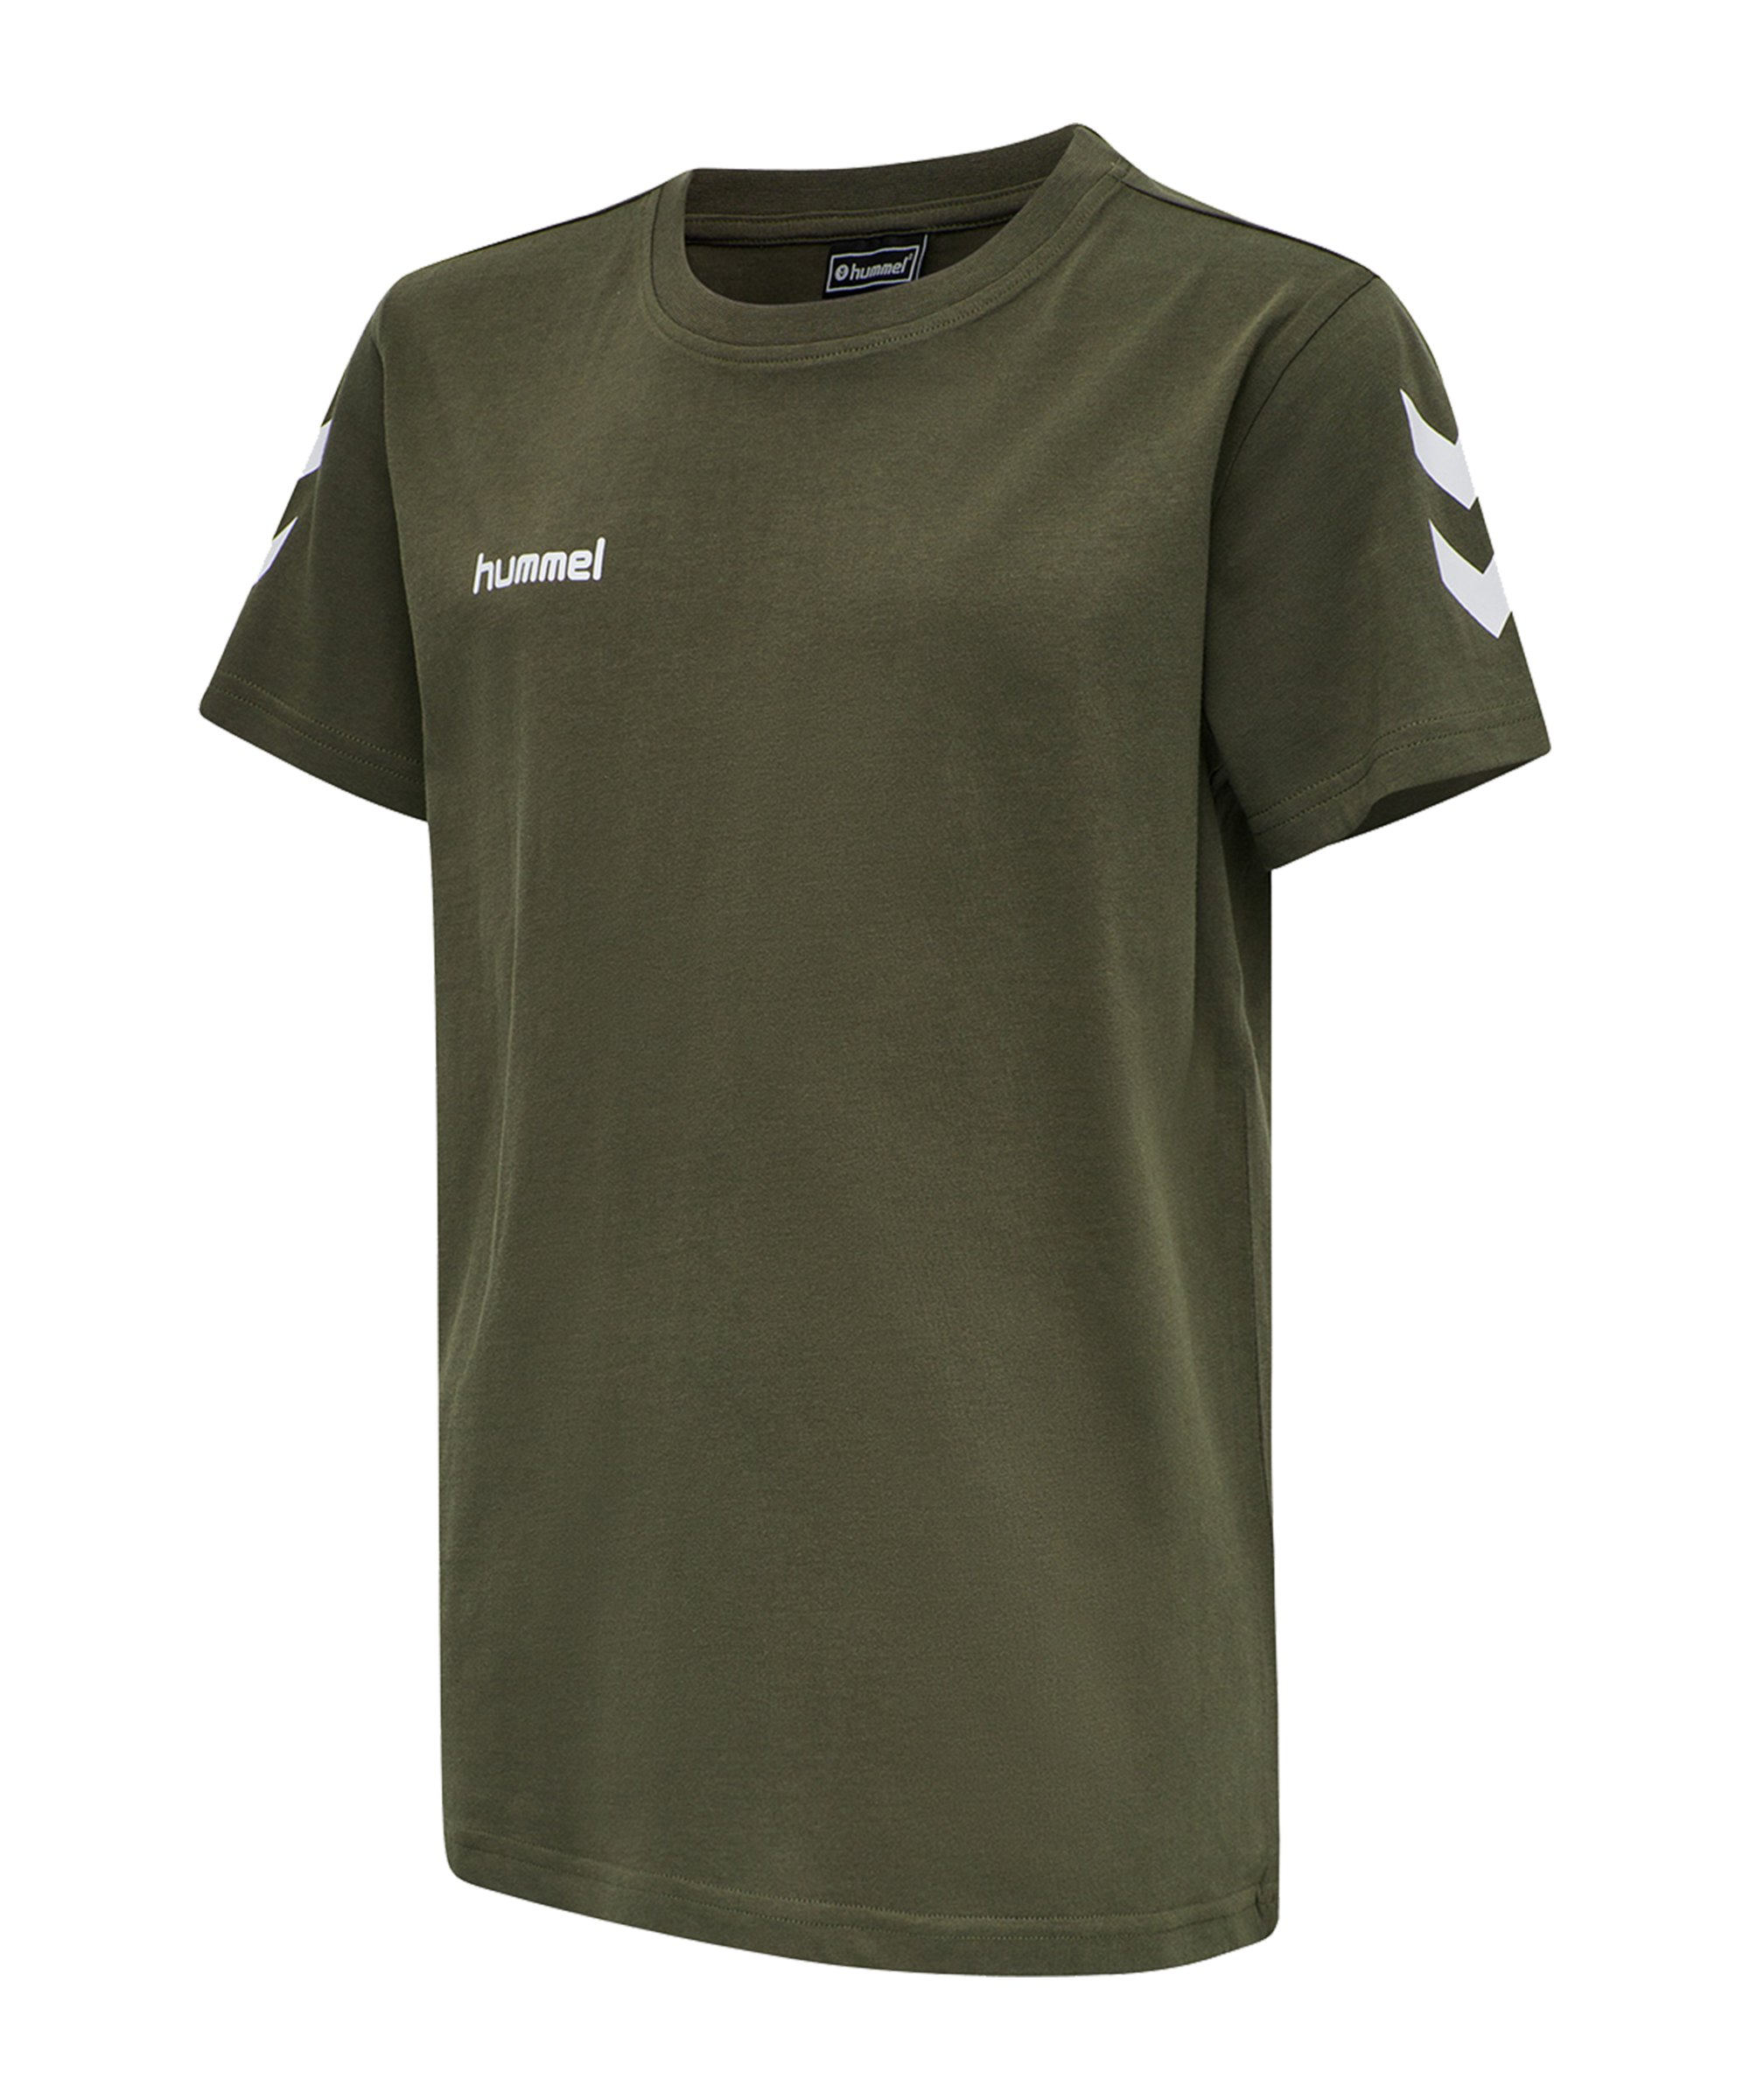 Hummel Cotton T-Shirt Kids Grün F6084 - gruen